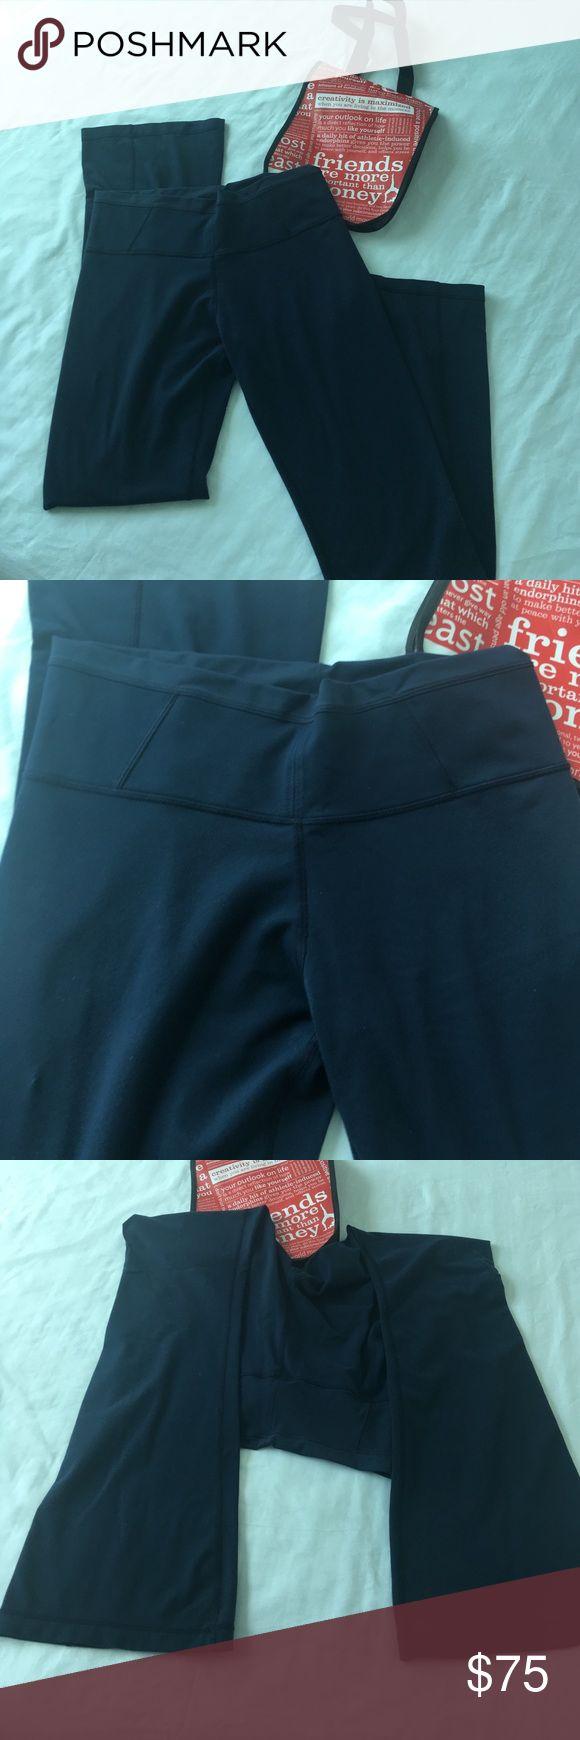 Lulu Bootcut Leggings Super comfortable, worn once. Bootcut. So flattering! lululemon athletica Pants Leggings